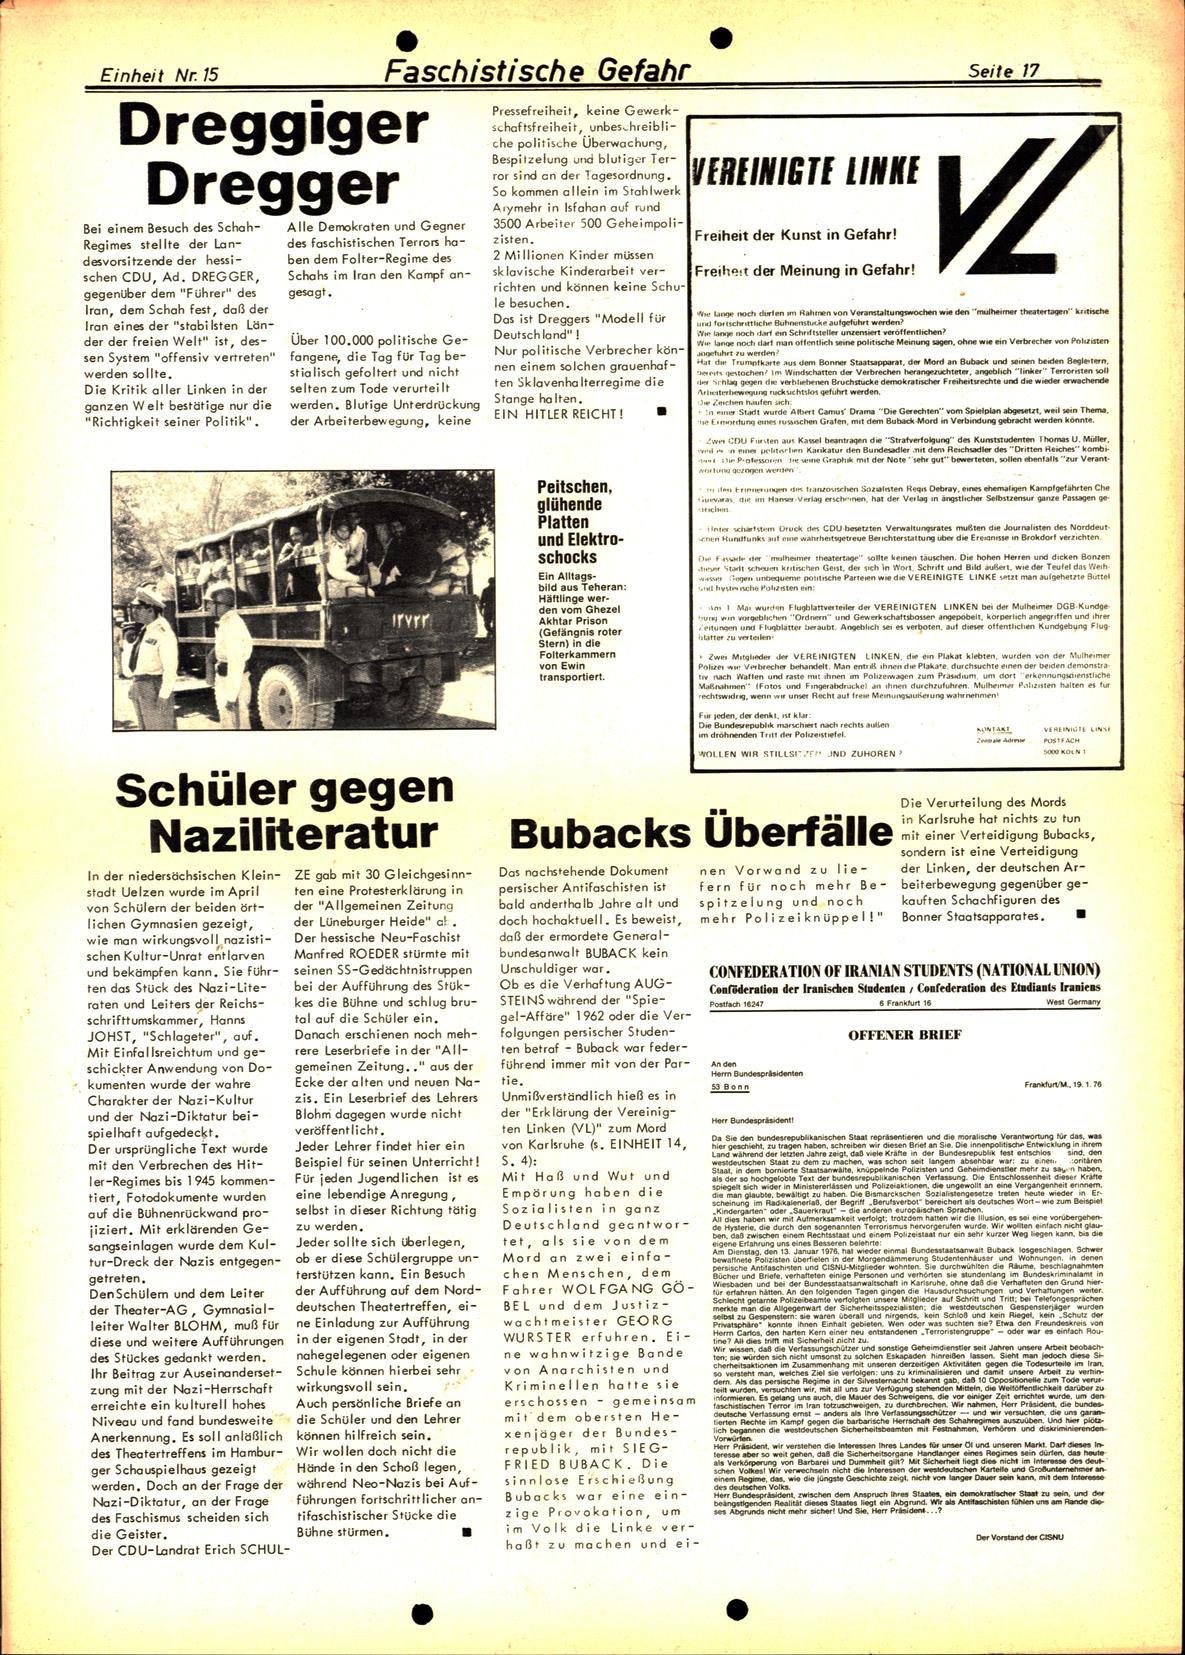 Koeln_IPdA_Einheit_1977_015_017